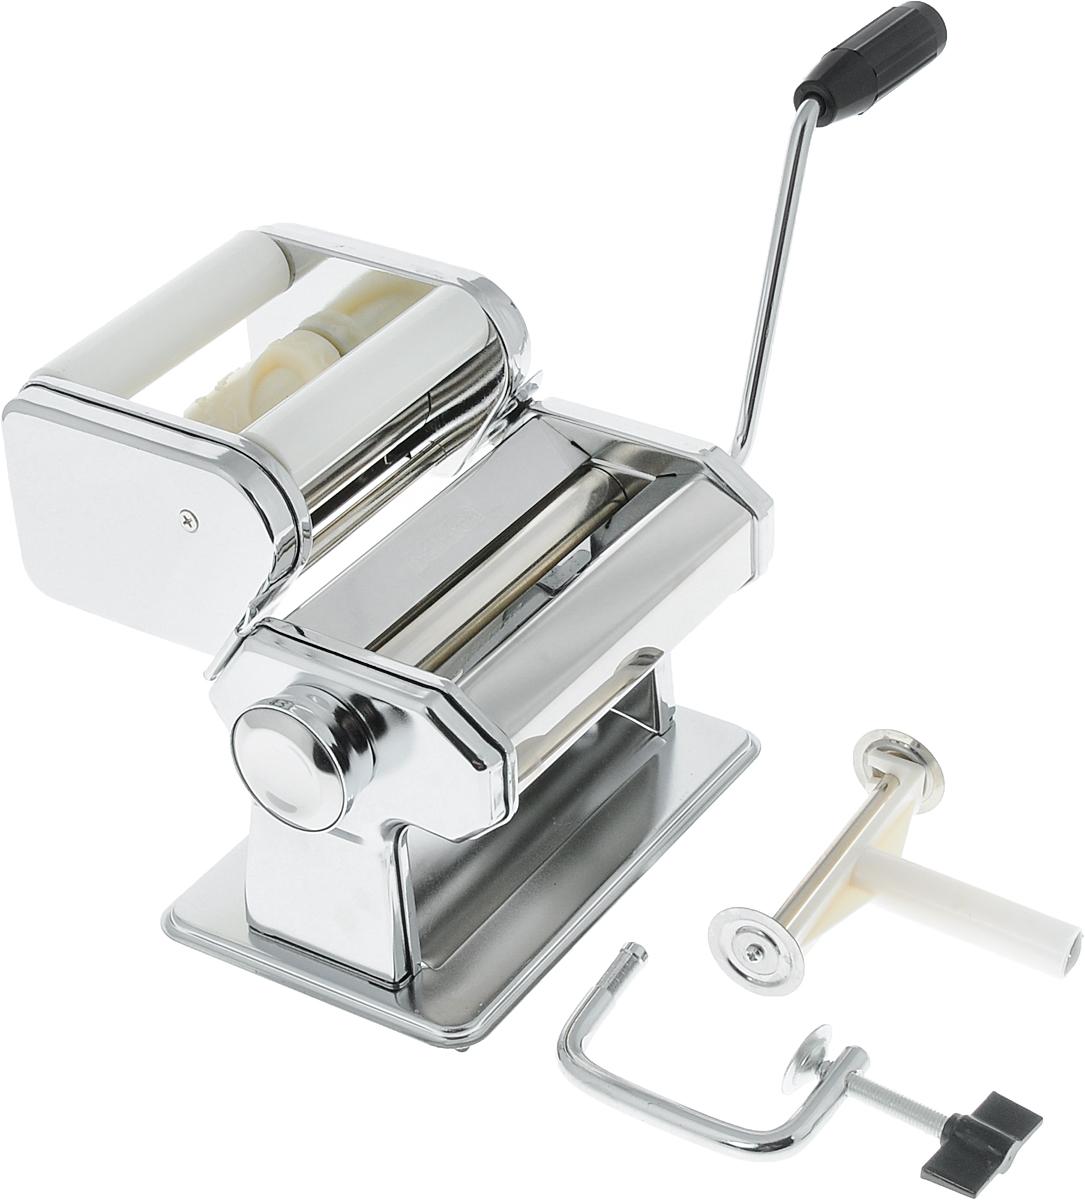 Машинка для изготовления пельменей BekkerBK-5202Машинка для изготовления пельменей Bekker выполнена из нержавеющей стали. Машинка состоит из нескольких частей: блок для раскатки теста, регулятор толщины теста, блок для изготовления пельменей, ручка, нож для резки теста, фиксатор. С помощью такой машинки очень легко готовить пельмени: - прокатите тесто через машинку; - разделите пласт таким образом, чтобы его стороны лежали по разные стороны от валиков; равномерно распределите начинку между сторонами пласта; - поворачивайте ручку машинки, добавляя начинку по мере необходимости; - после того, как весь пласт пройдет через валки, положите его на сухое полотенце и разделите на пельмени.Теперь приготовление пельменей займет у вас намного меньше времени и станет приятным домашним занятием, а ваши кулинарные шедевры, приготовленные с помощью такого прибора, обязательно оценят по достоинству.